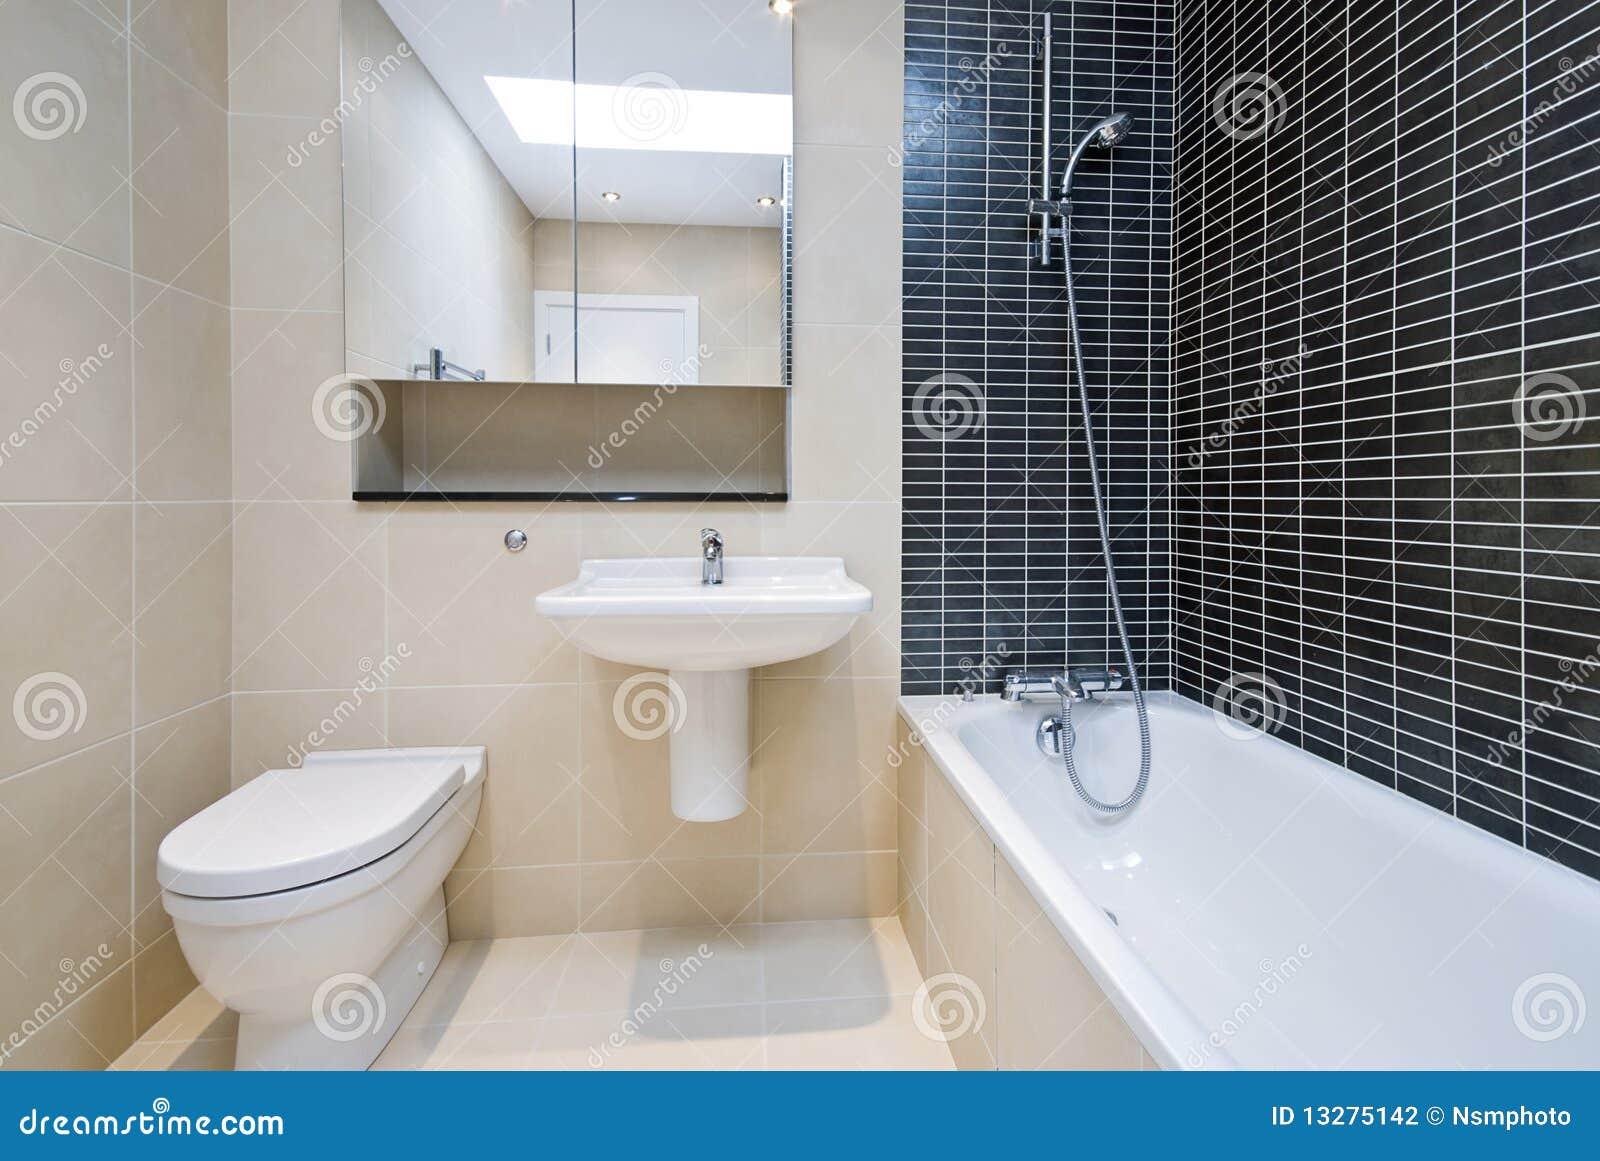 Salle de bains moderne d 39 en suite dans le beige avec les tuiles noires ph - Ecriteau salle de bain ...